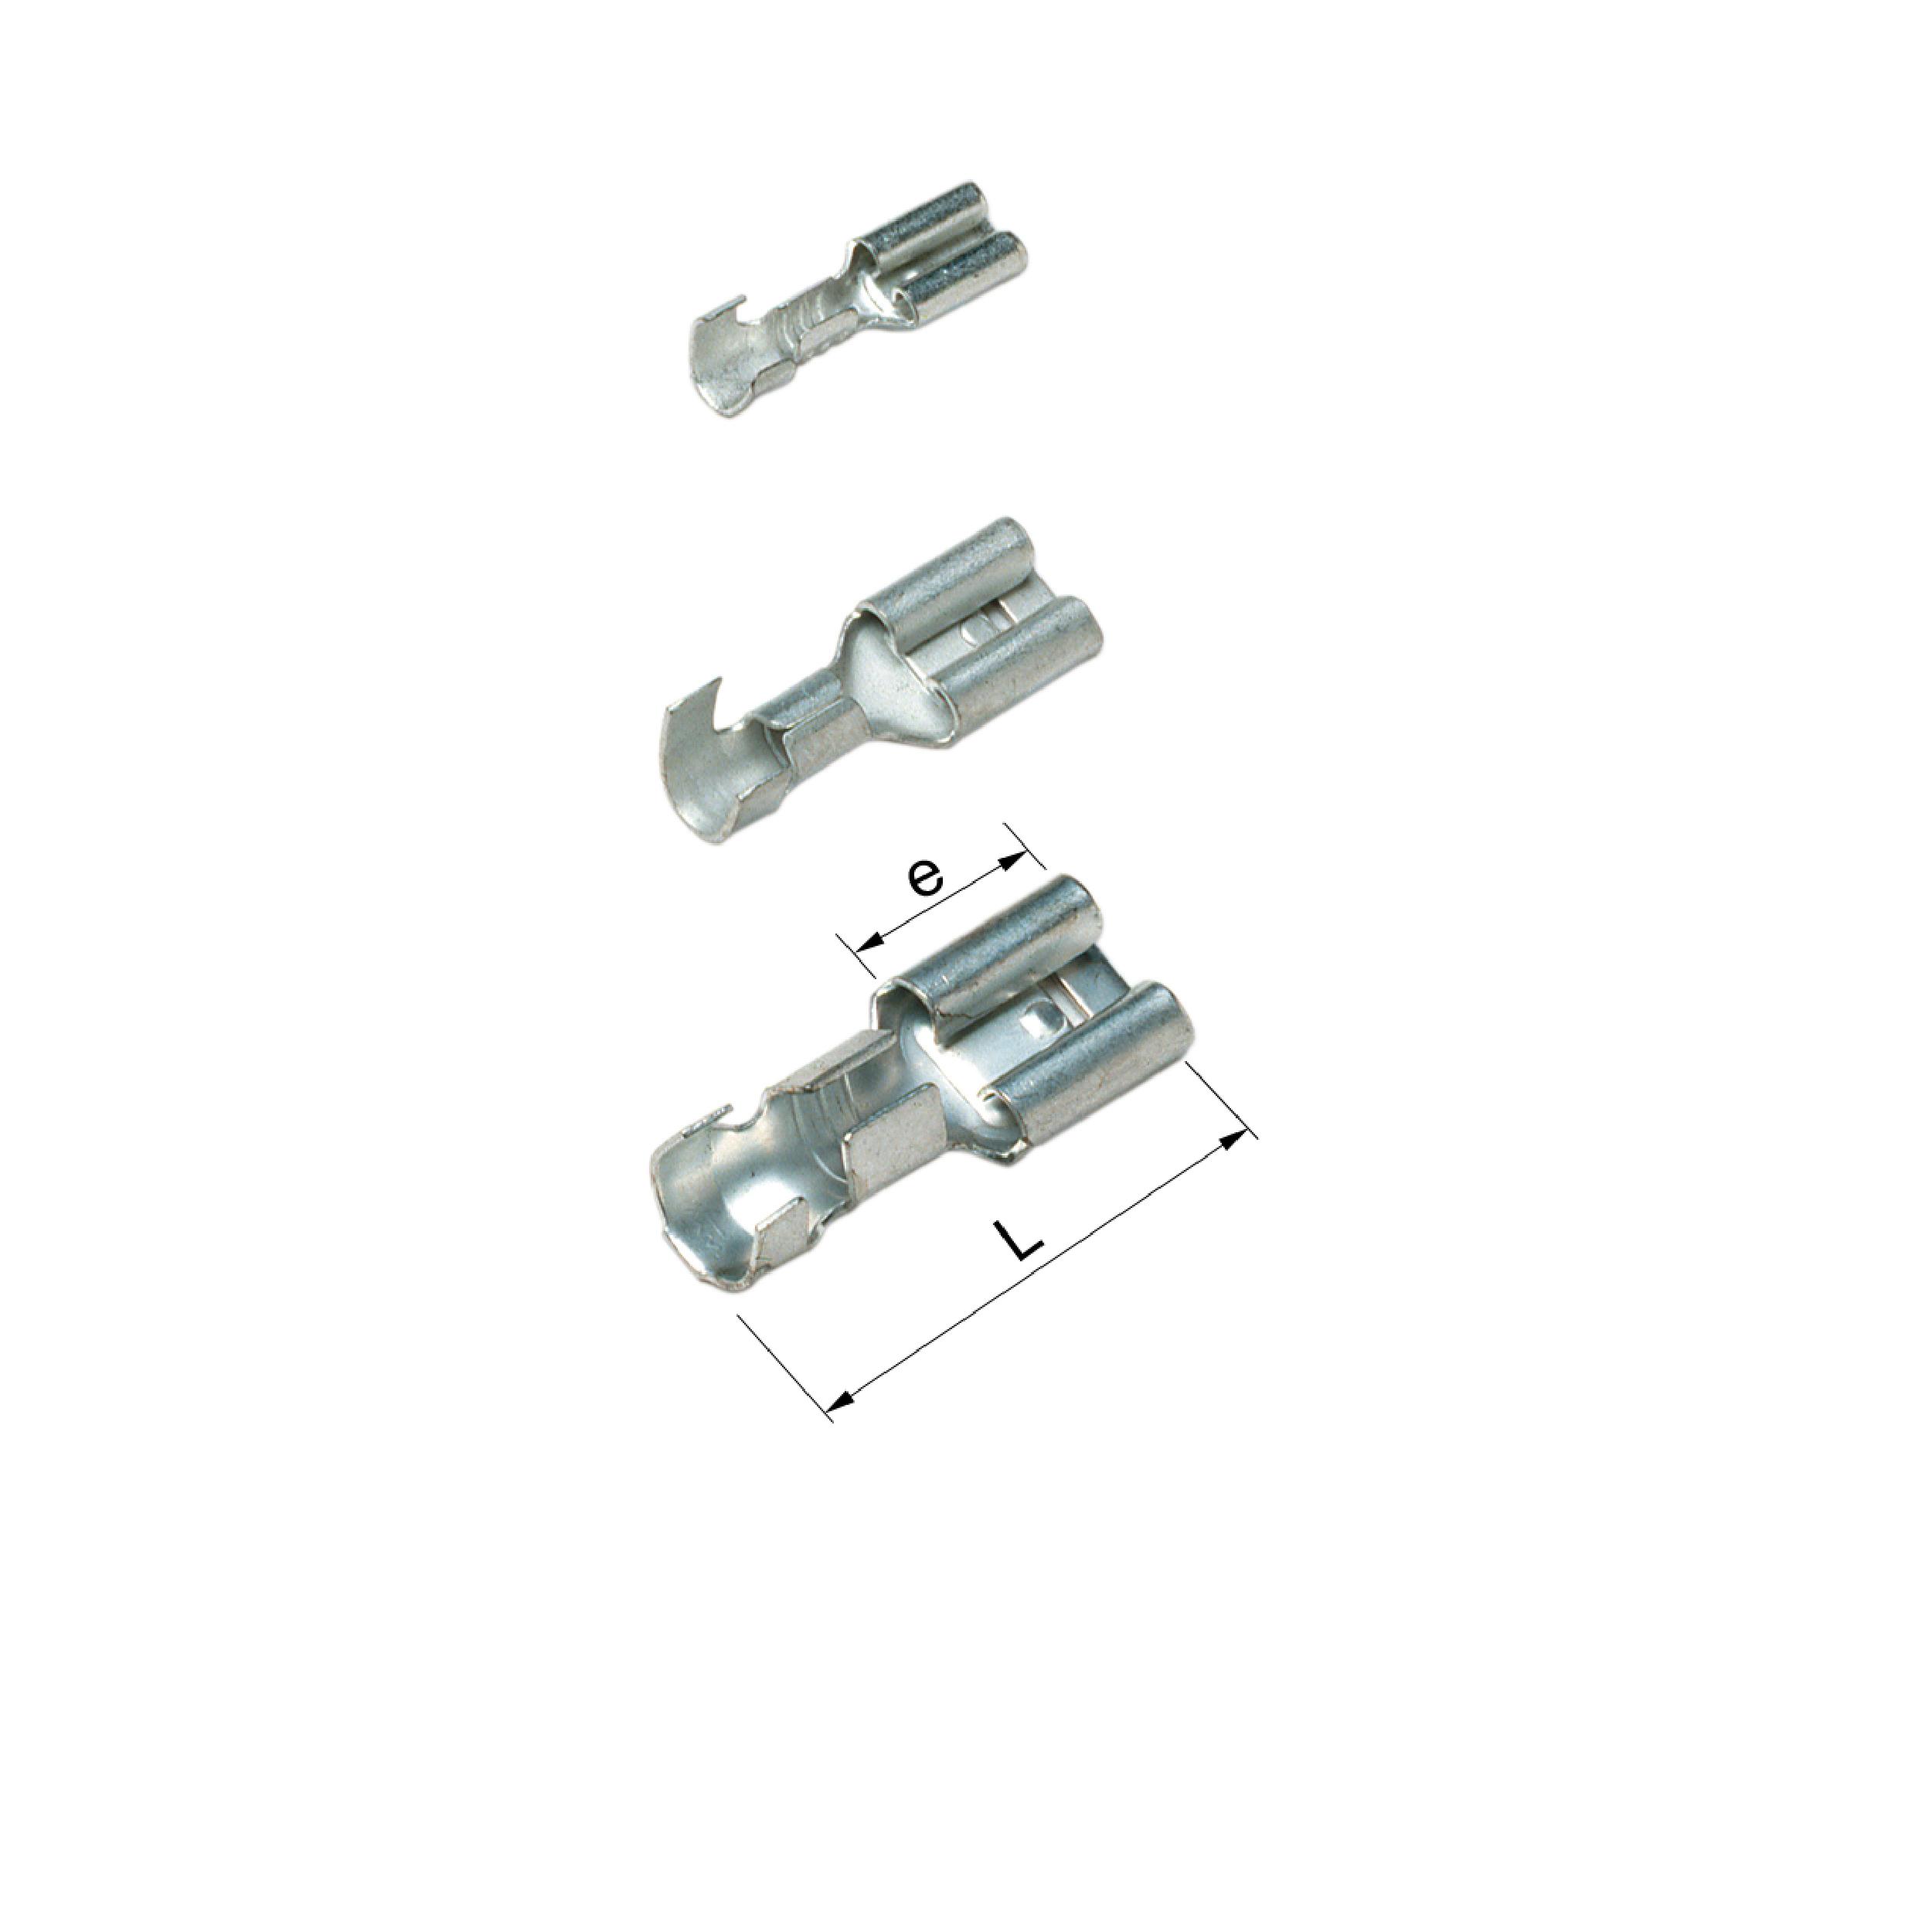 Elpress Un-Insulated Receptacles (Range 0.5-6mm²) Part Numbers: B1003FLS5, B1003FLS8, B1505FLS5-1, B1505FLS8-1, B1507FLS1, B2505FLS5, B2505FLS8, B2505FLS1, B4607FLS1